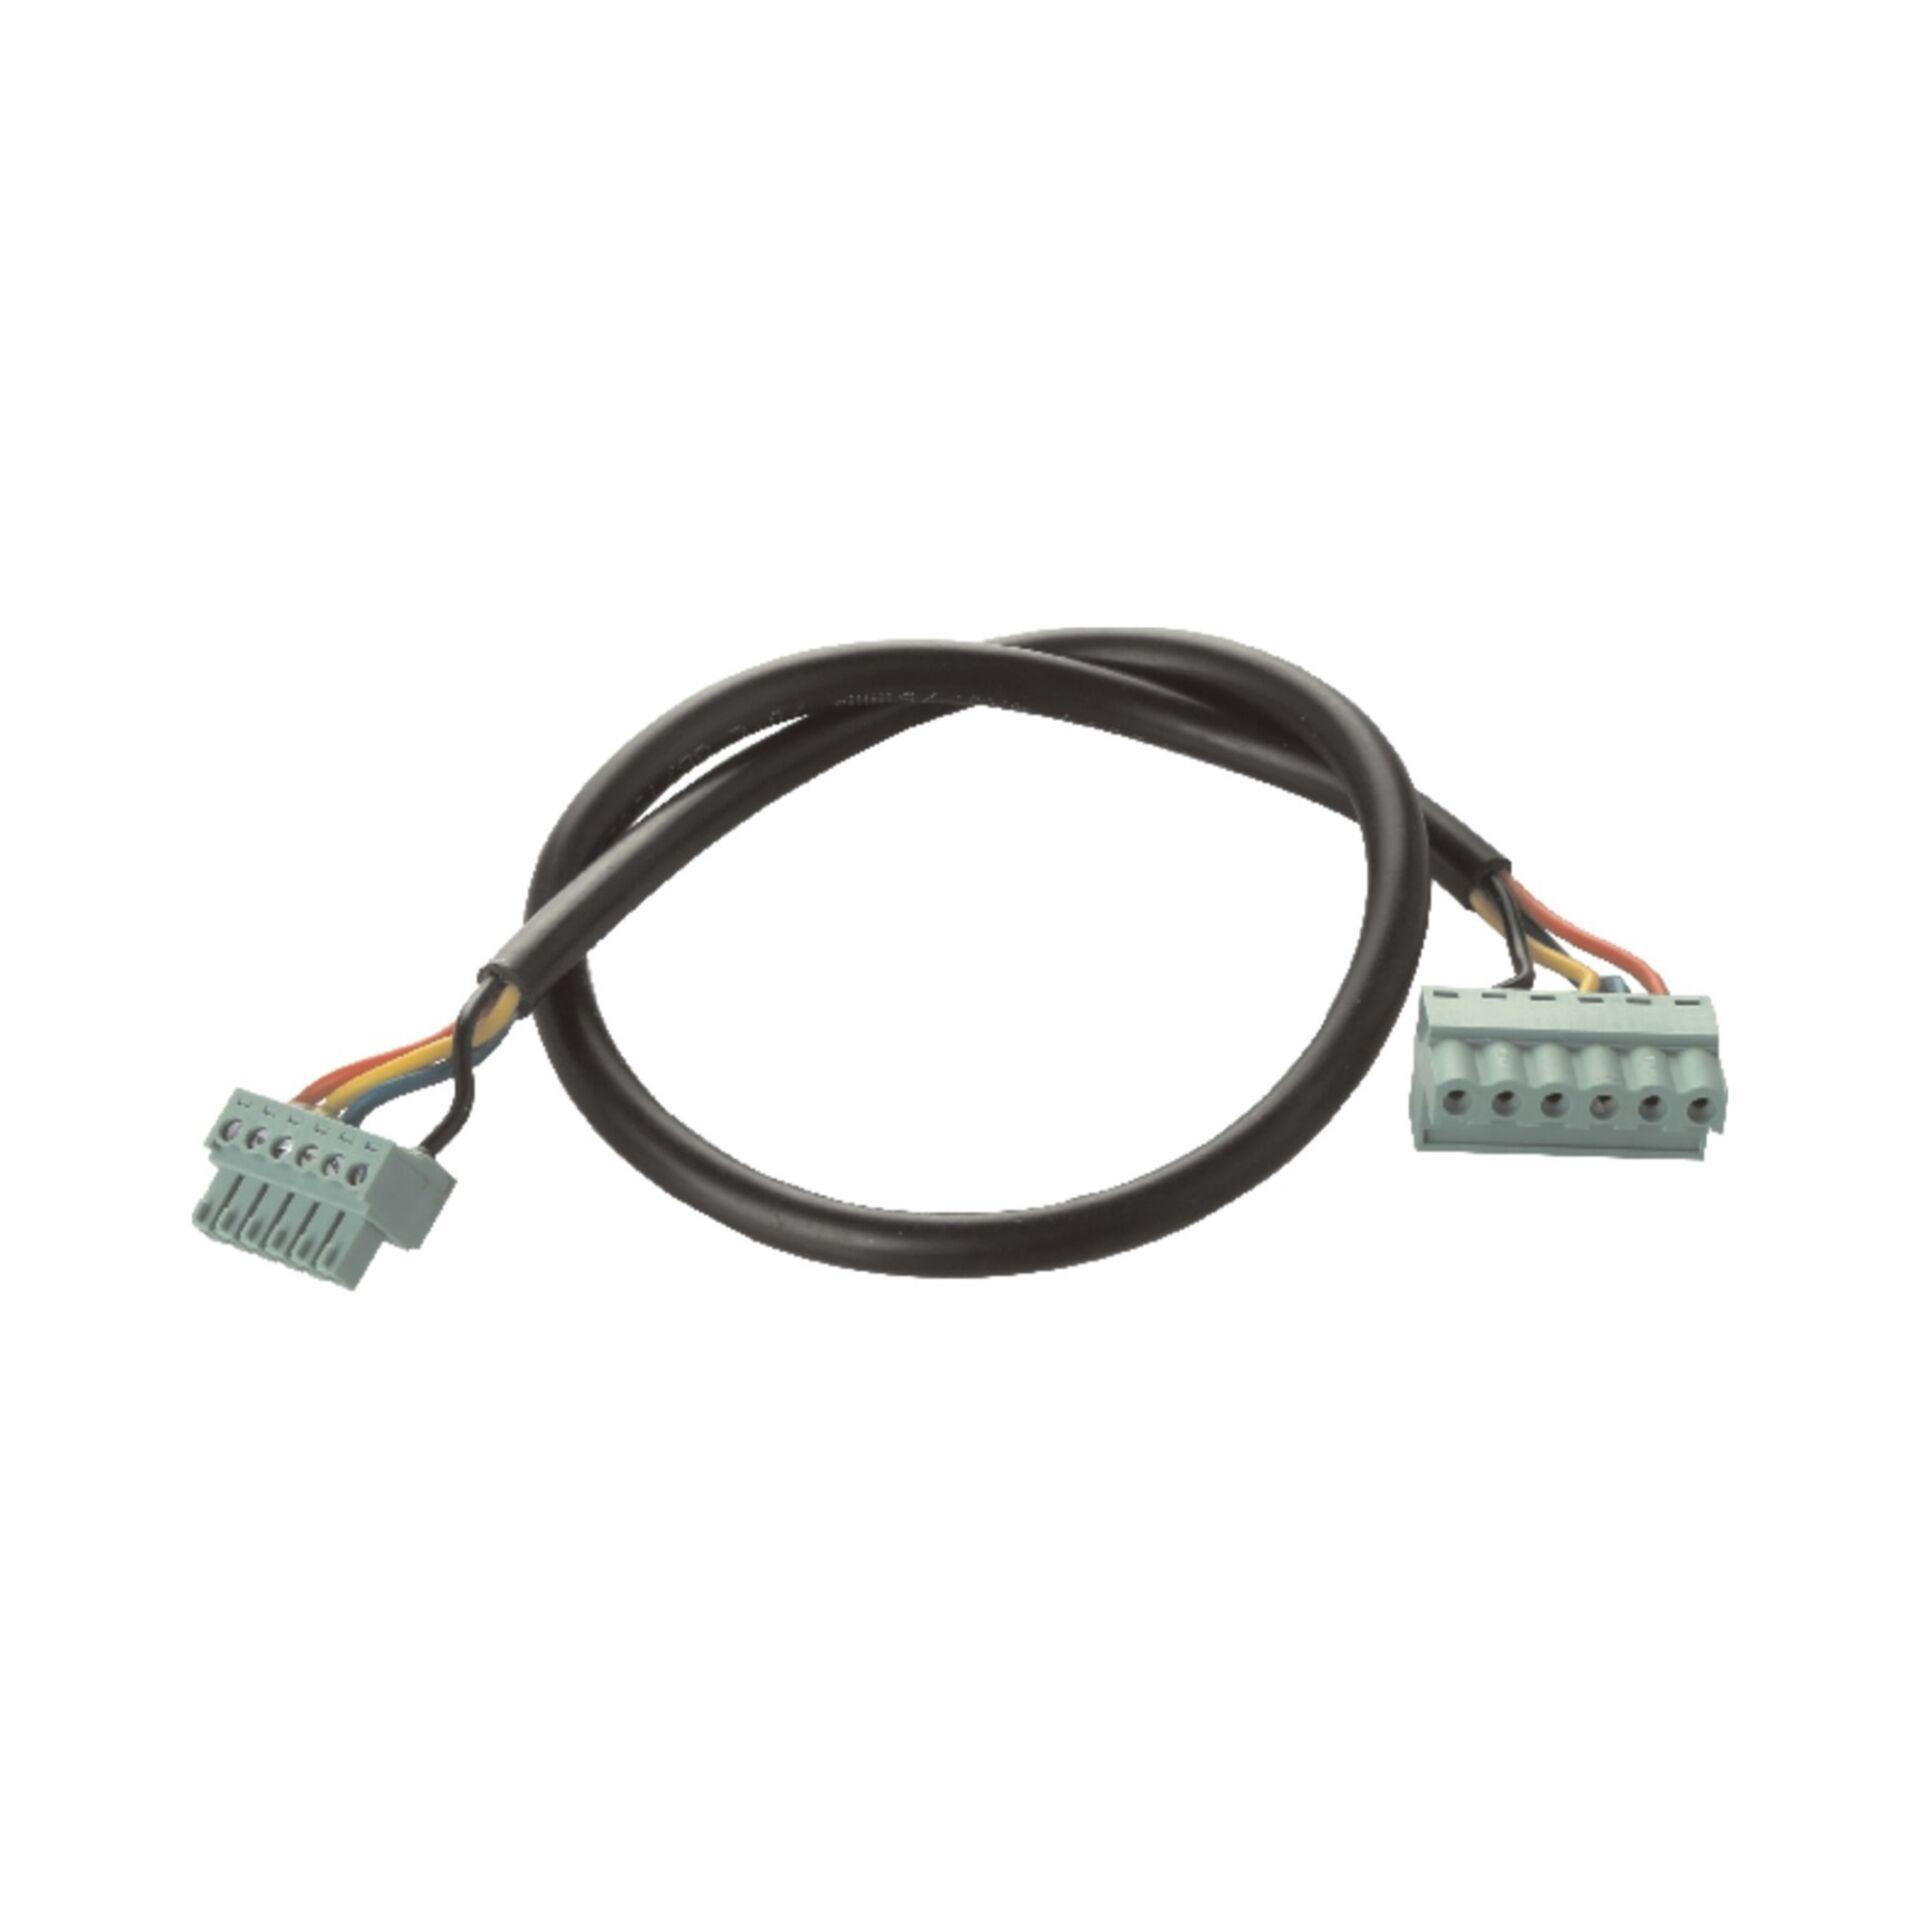 端子臺線JL2EDGK5.08-6P對JL15EDGK3.81-6P 4芯 (UL 0.75mm2) 不含頭